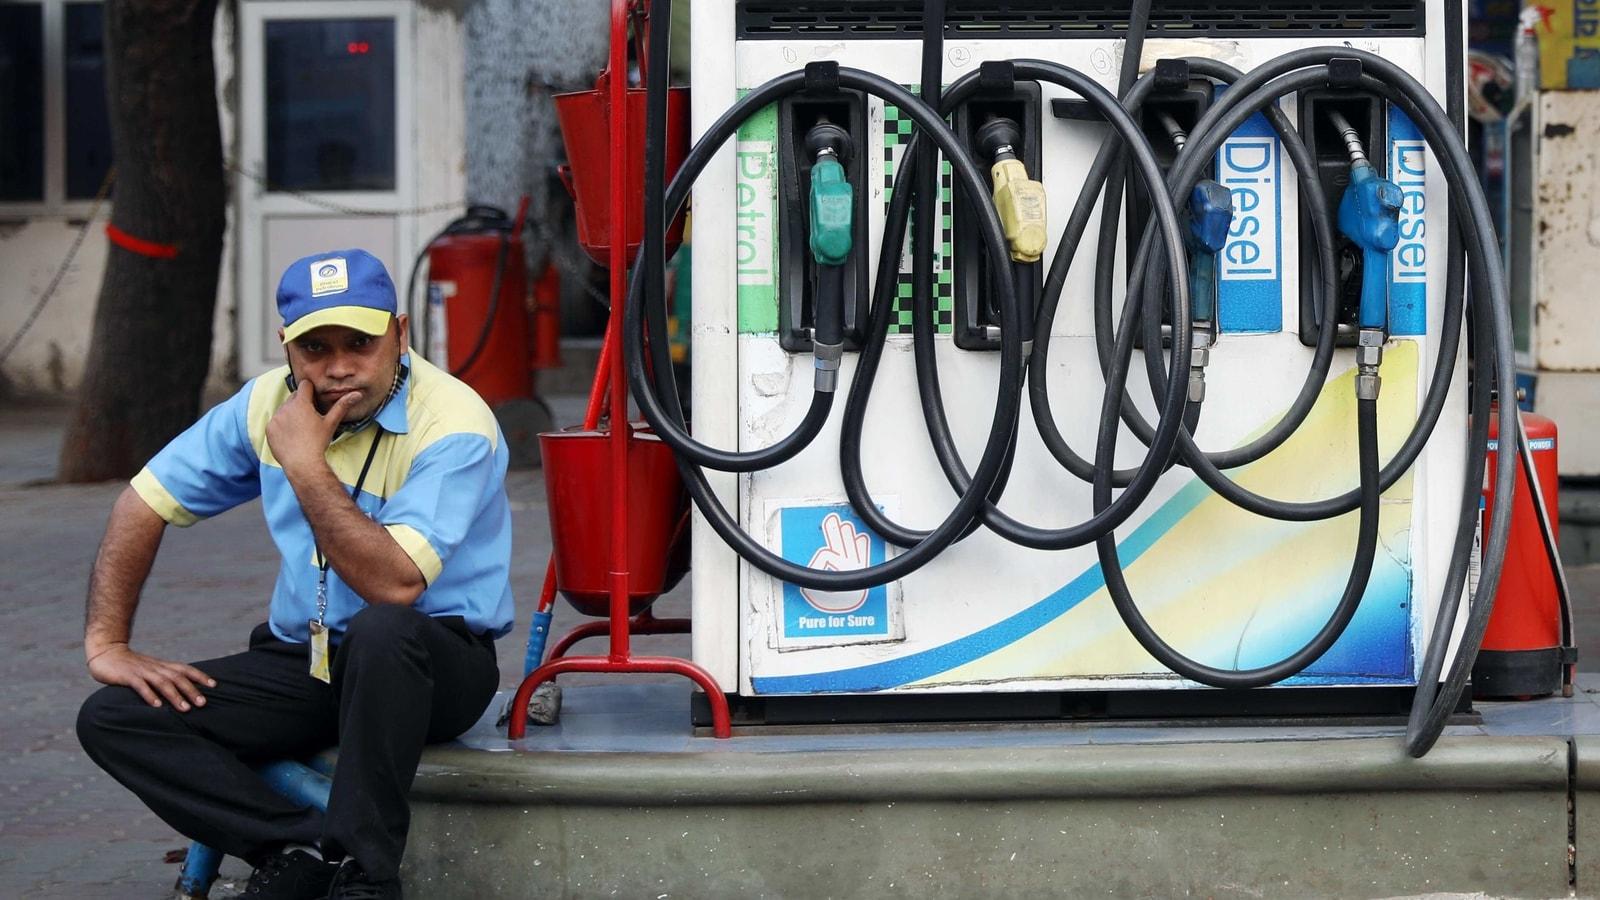 Petrol hits ₹100/L in Rajasthan's Sri Ganganagar, nears ₹90/L in Delhi | Latest News India - Hindustan Times